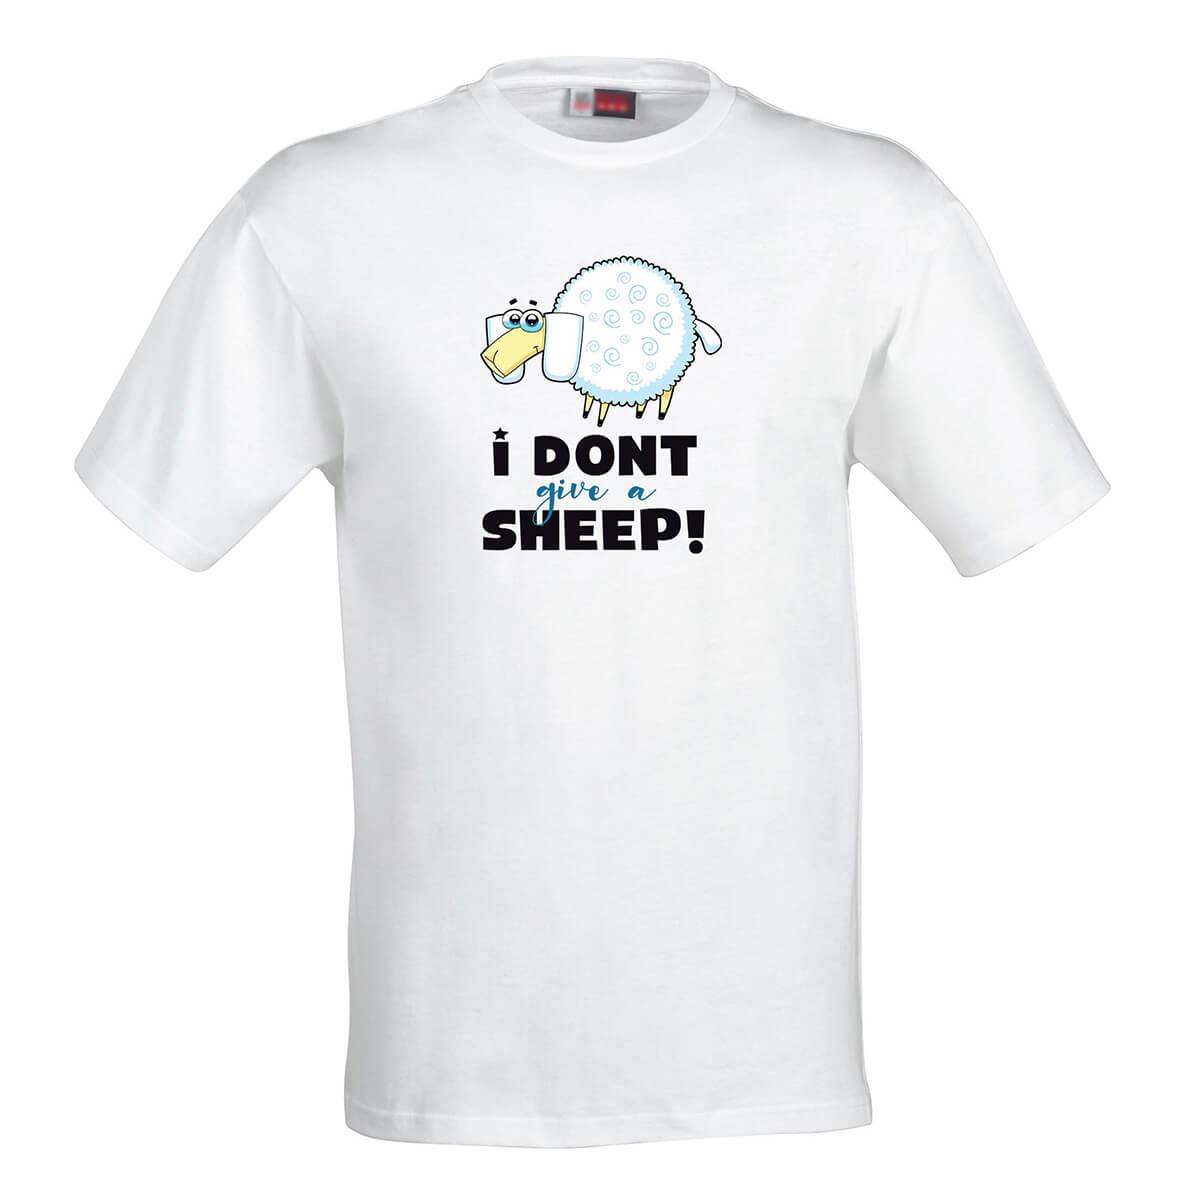 Pánske tričko I don't give a sheep! - veľkosť S